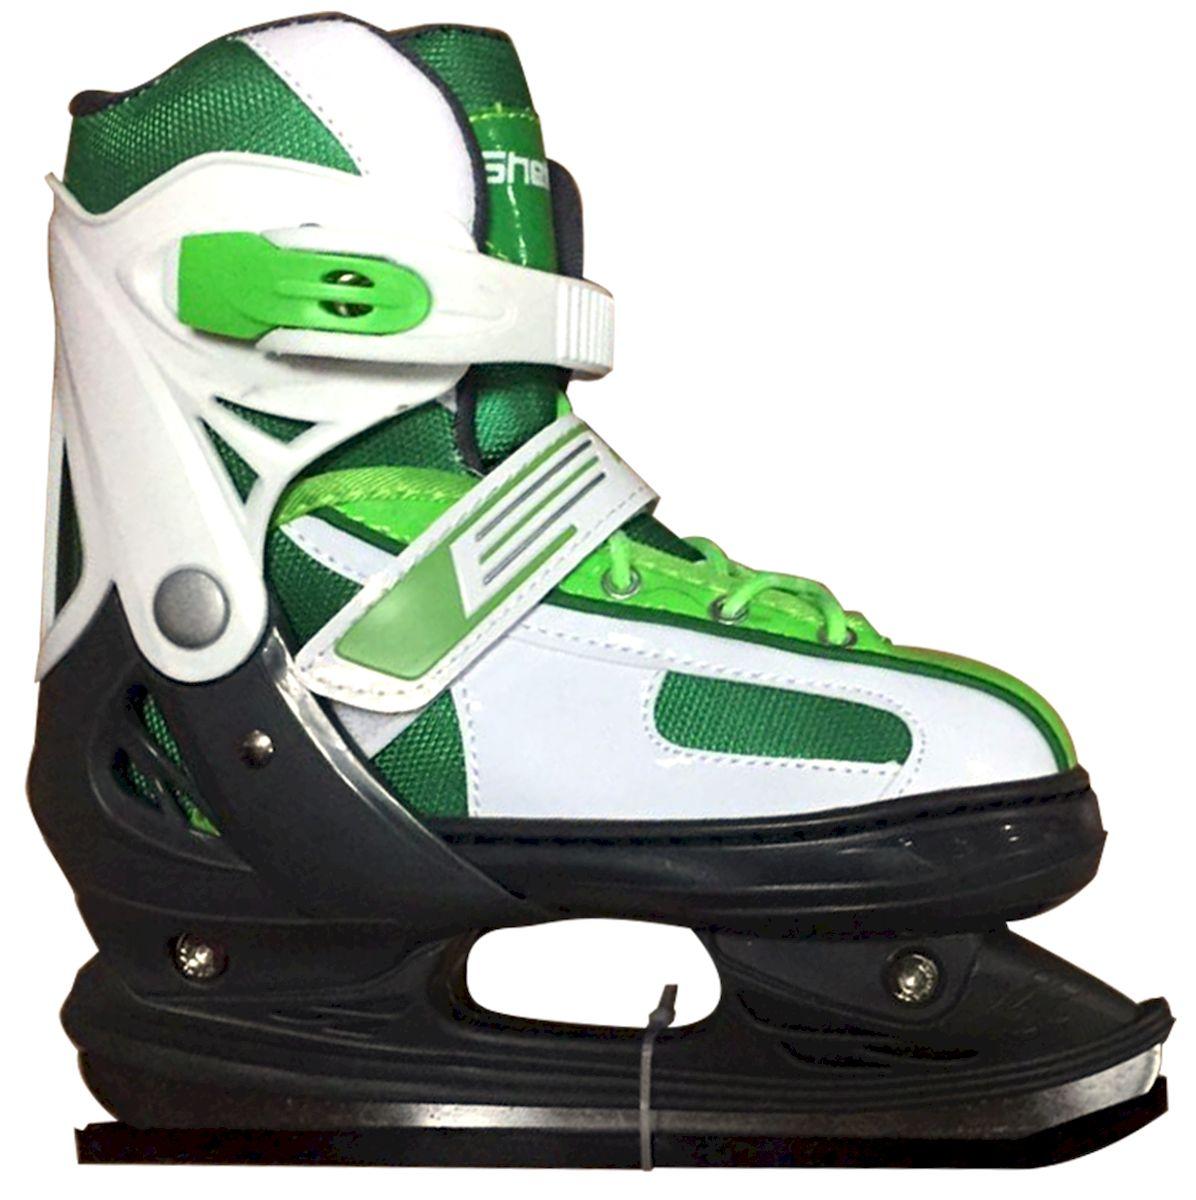 Коньки ледовые Ice Blade Shelby, раздвижные, цвет: черный, зеленый, белый. УТ-00009127. Размер M (34/37)ASE-611FКоньки раздвижные Shelby - это классические раздвижные коньки от известного бренда Ice Blade, которые предназначены для детей и подростков, а также для тех, кто делает первые шаги в катании на льду.Ботинок изготовлен из морозоустойчивого пластика. Внутренняя поверхность из мягкого и теплого текстиля обеспечивает комфорт во время движения. Лезвие выполнено из высокоуглеродистой стали с покрытием из никеля. Пластиковая клипса с фиксатором, хлястик на липучке и шнуровка надежно фиксируют голеностоп. Конструкция коньков позволяет быстро и точно изменять их размер. Яркий молодежный дизайн, теплый внутренний сапожок, удобная трехуровневая система фиксации ноги, легкая смена размера, надежная защита пятки и носка - все это бесспорные преимущества модели. Коньки поставляются с заводской заточкой лезвия, что позволяет сразу приступить к катанию и не тратить денег на заточку. Предназначены для использования на открытом и закрытом льду.